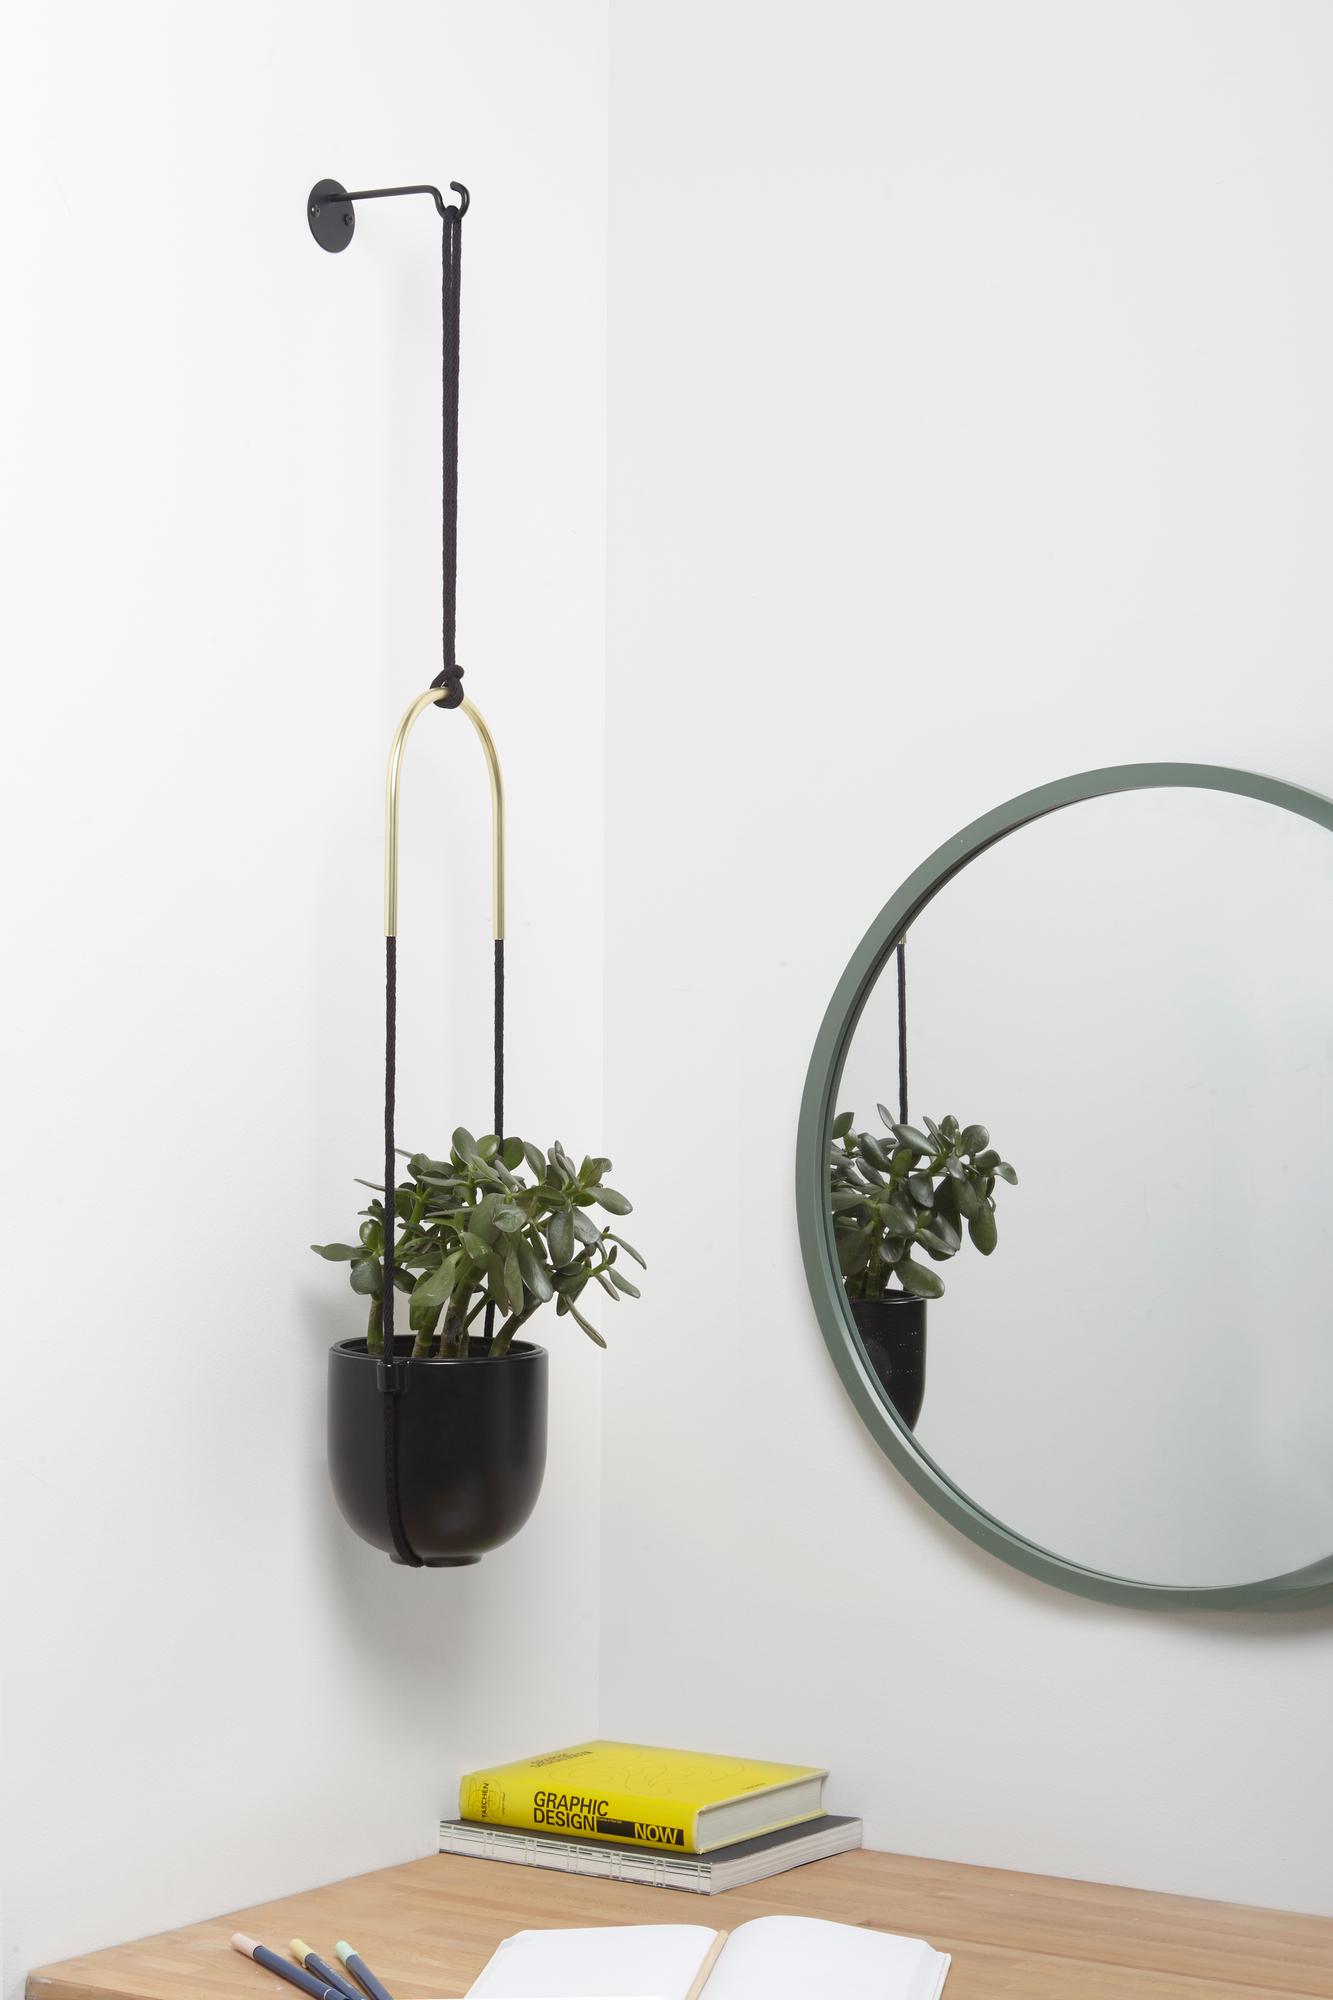 Bolo Hanging Planter hängender Blumentopf Umbra